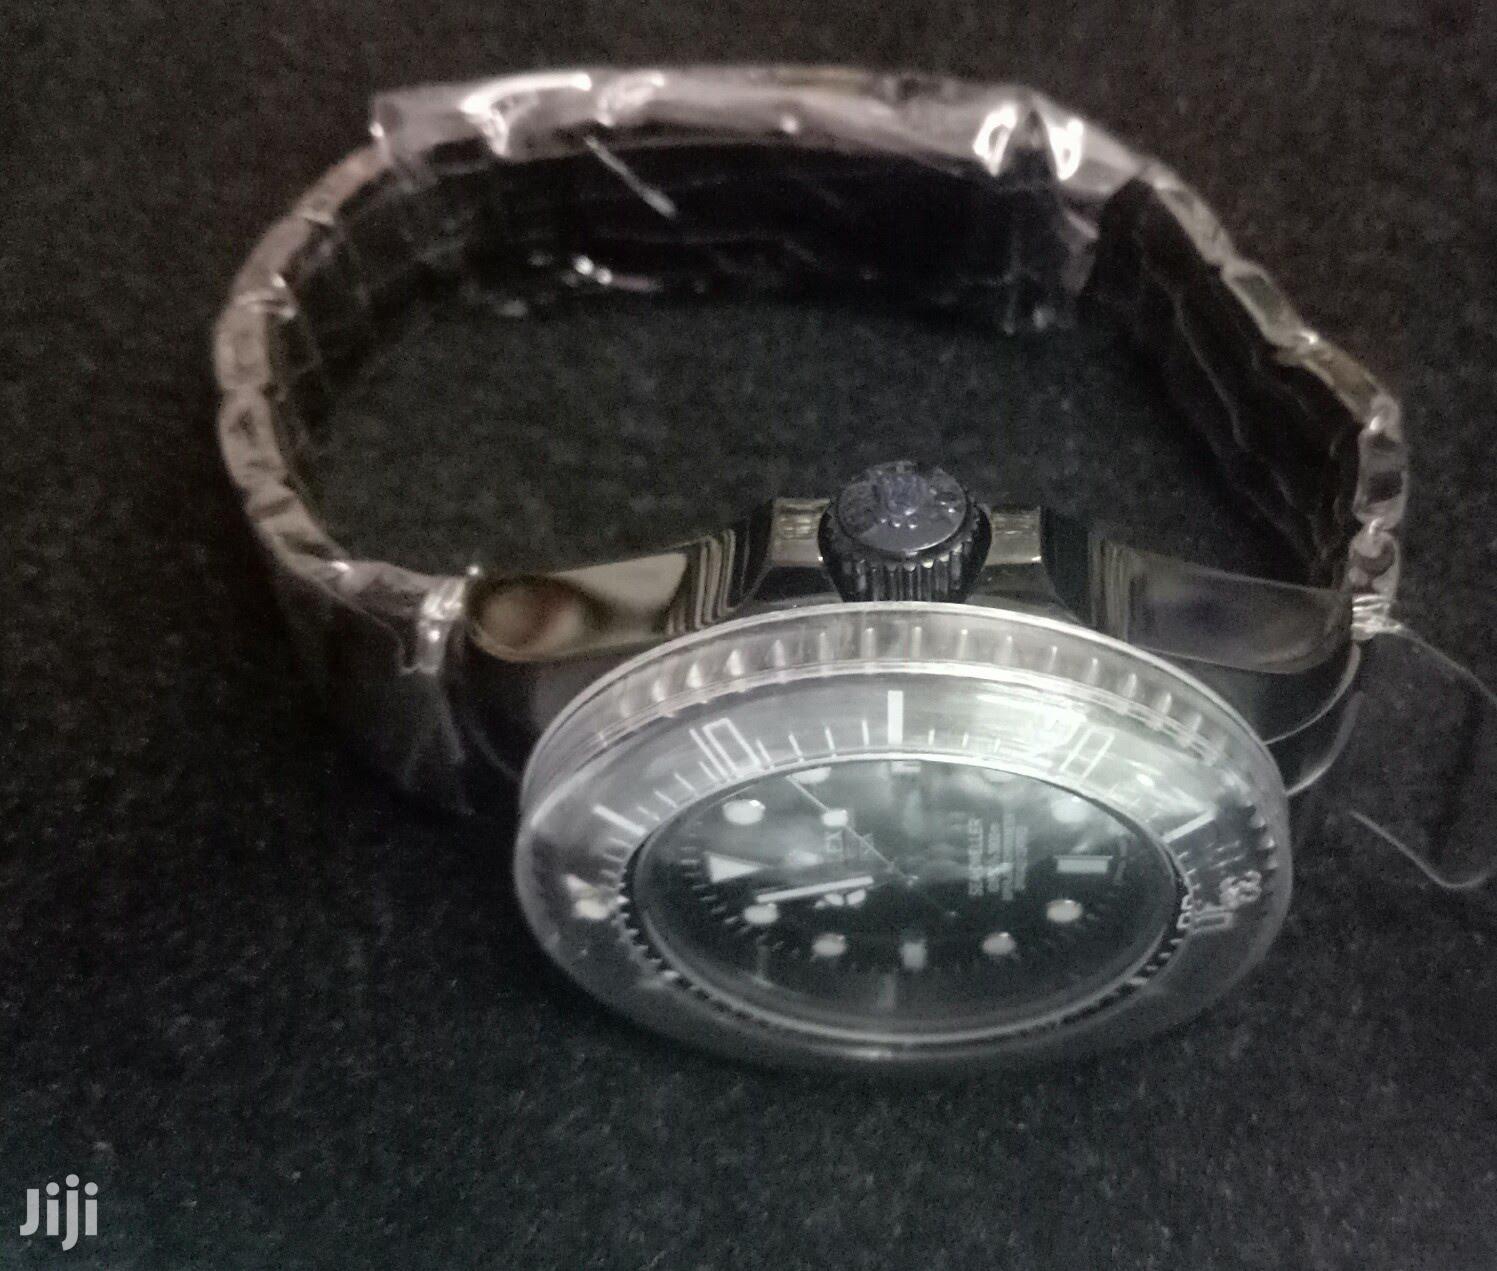 Automatic Rolex Quality Timepiece